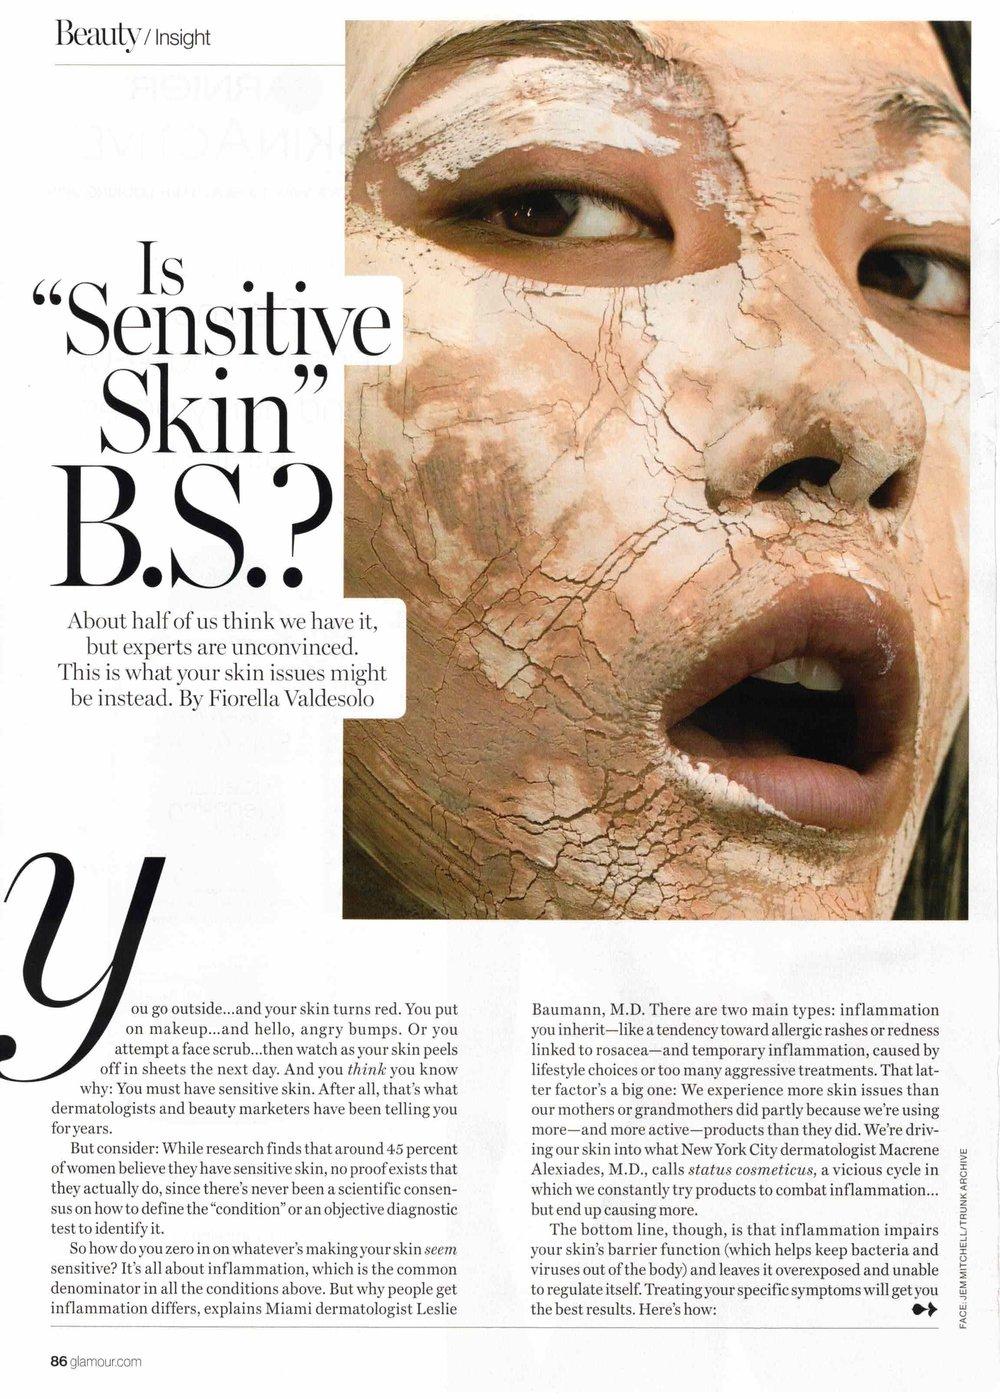 Glamour - sensitive skin - 1.jpeg